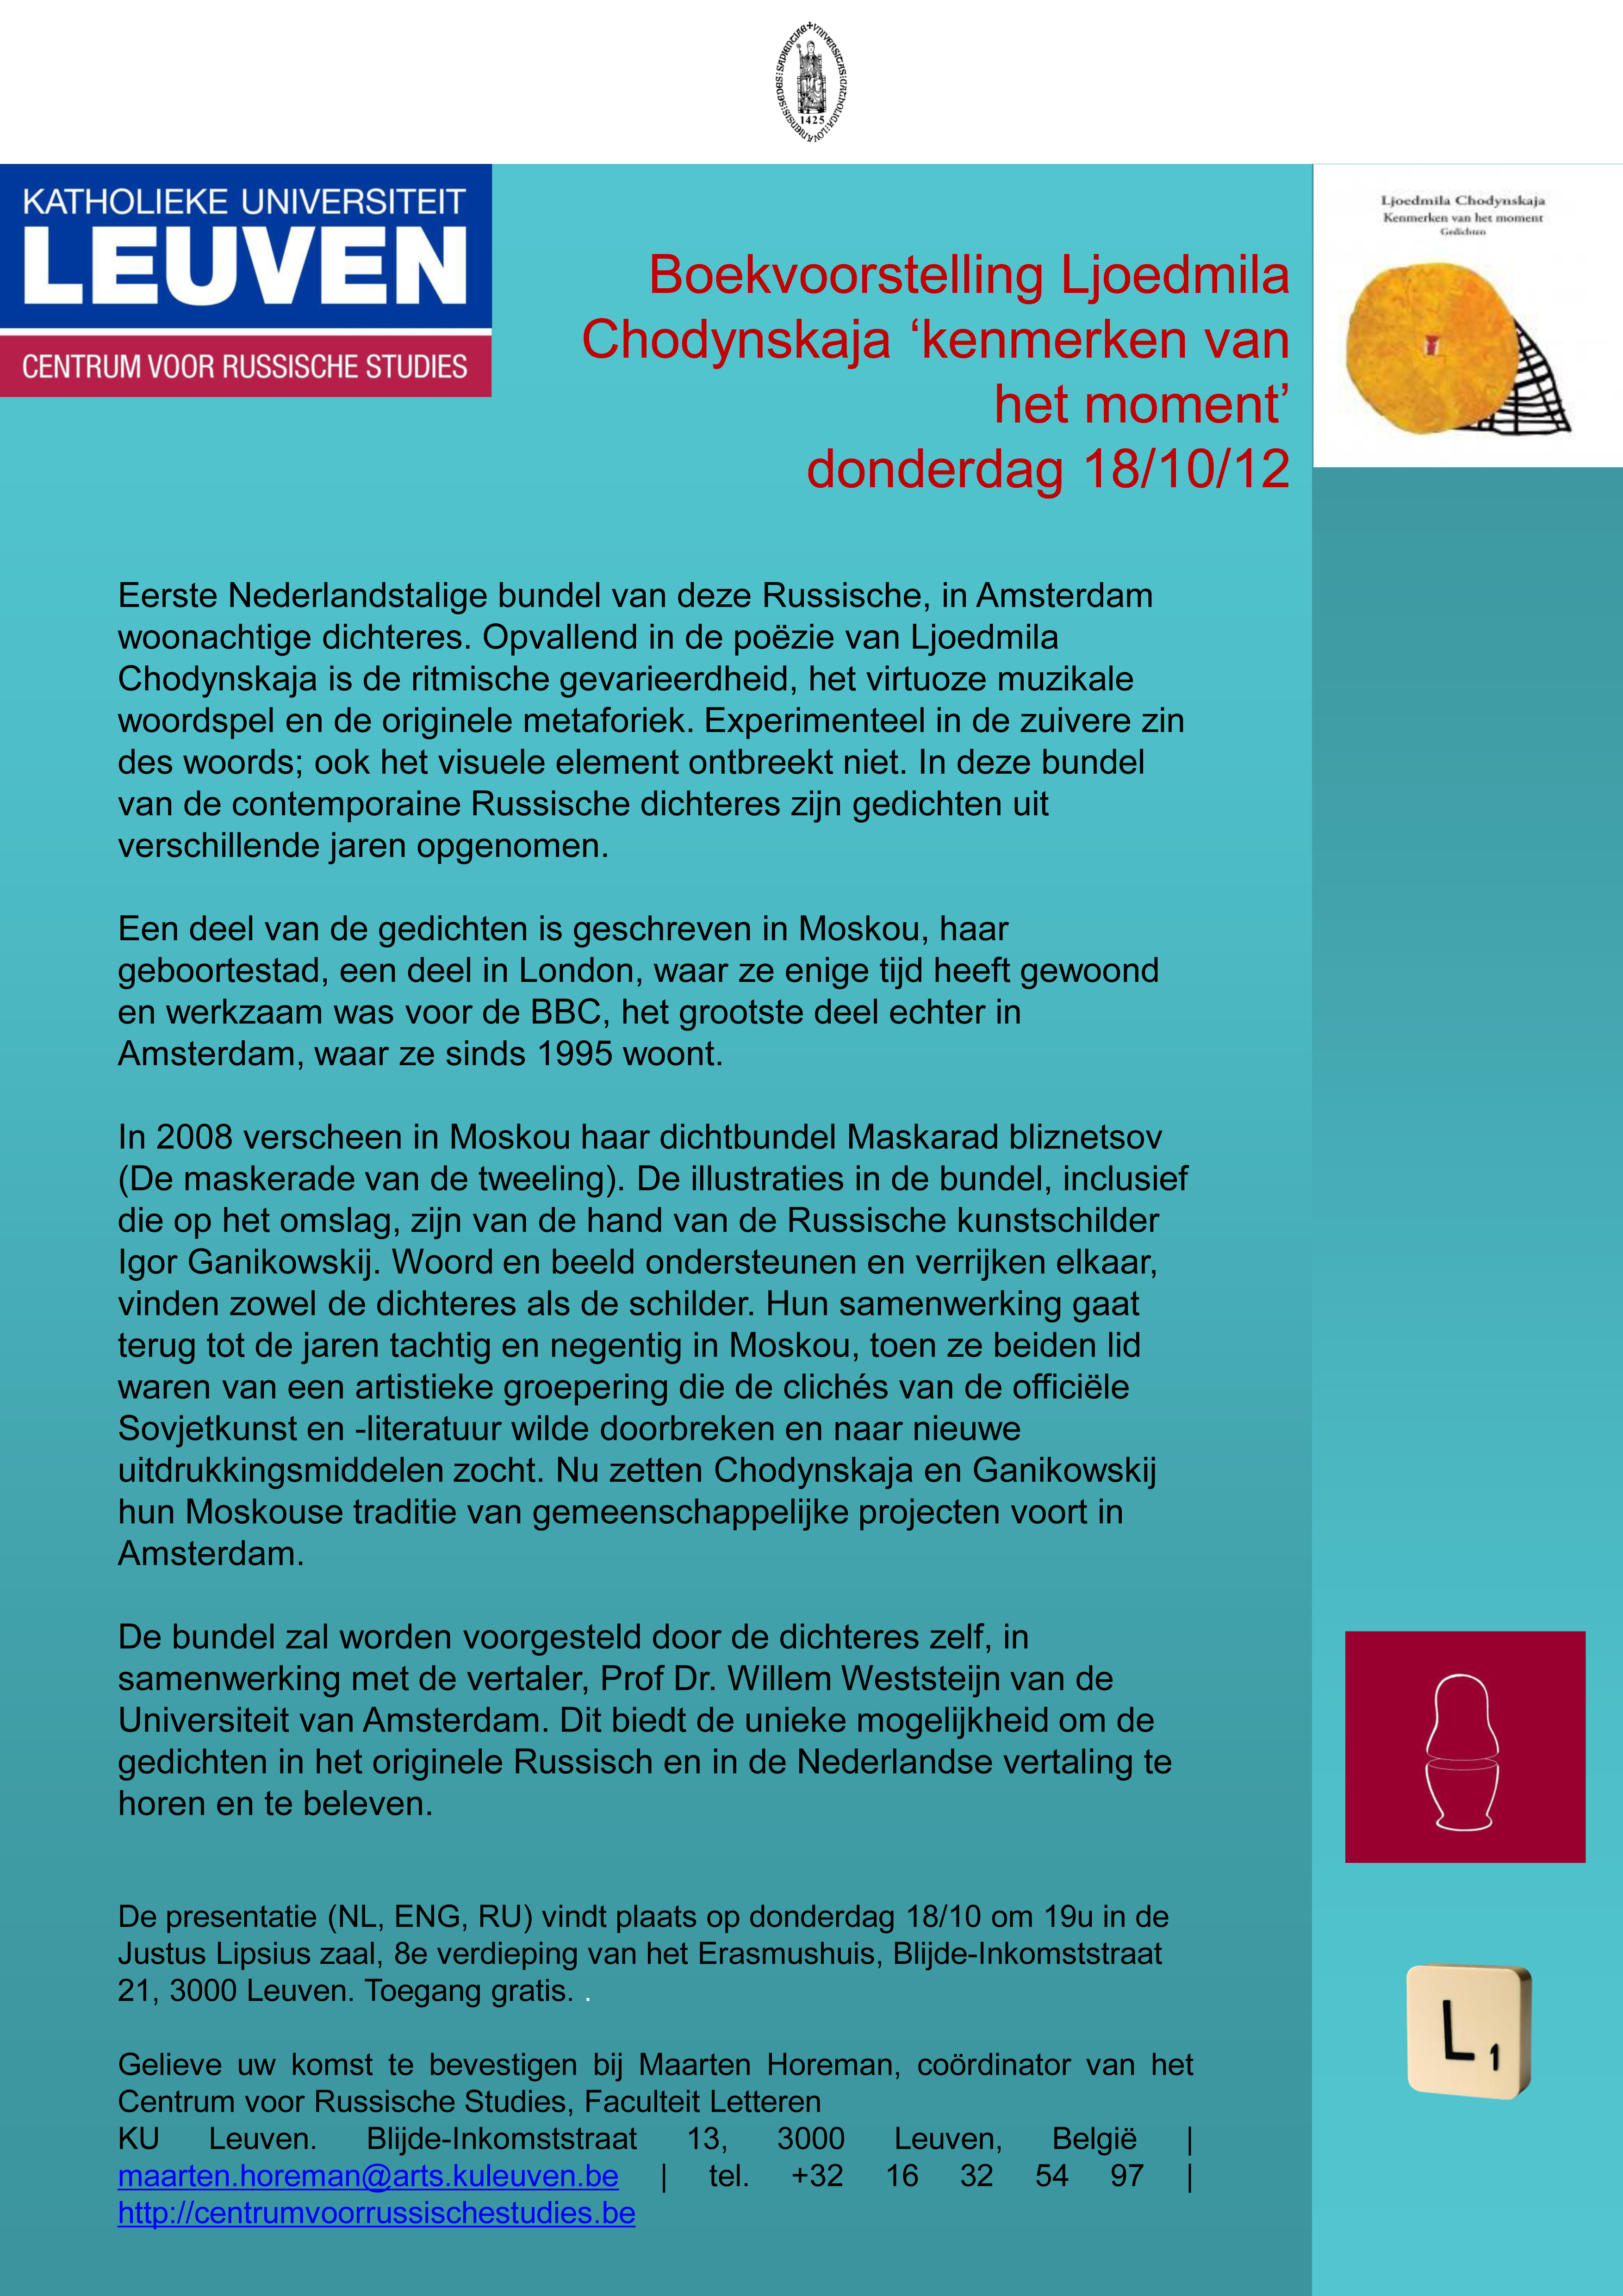 Anonce of presettation OF my book KENMERKEN VAN HET MOMENT on 18.10.2012 in Universiteit Leuven, Belgie